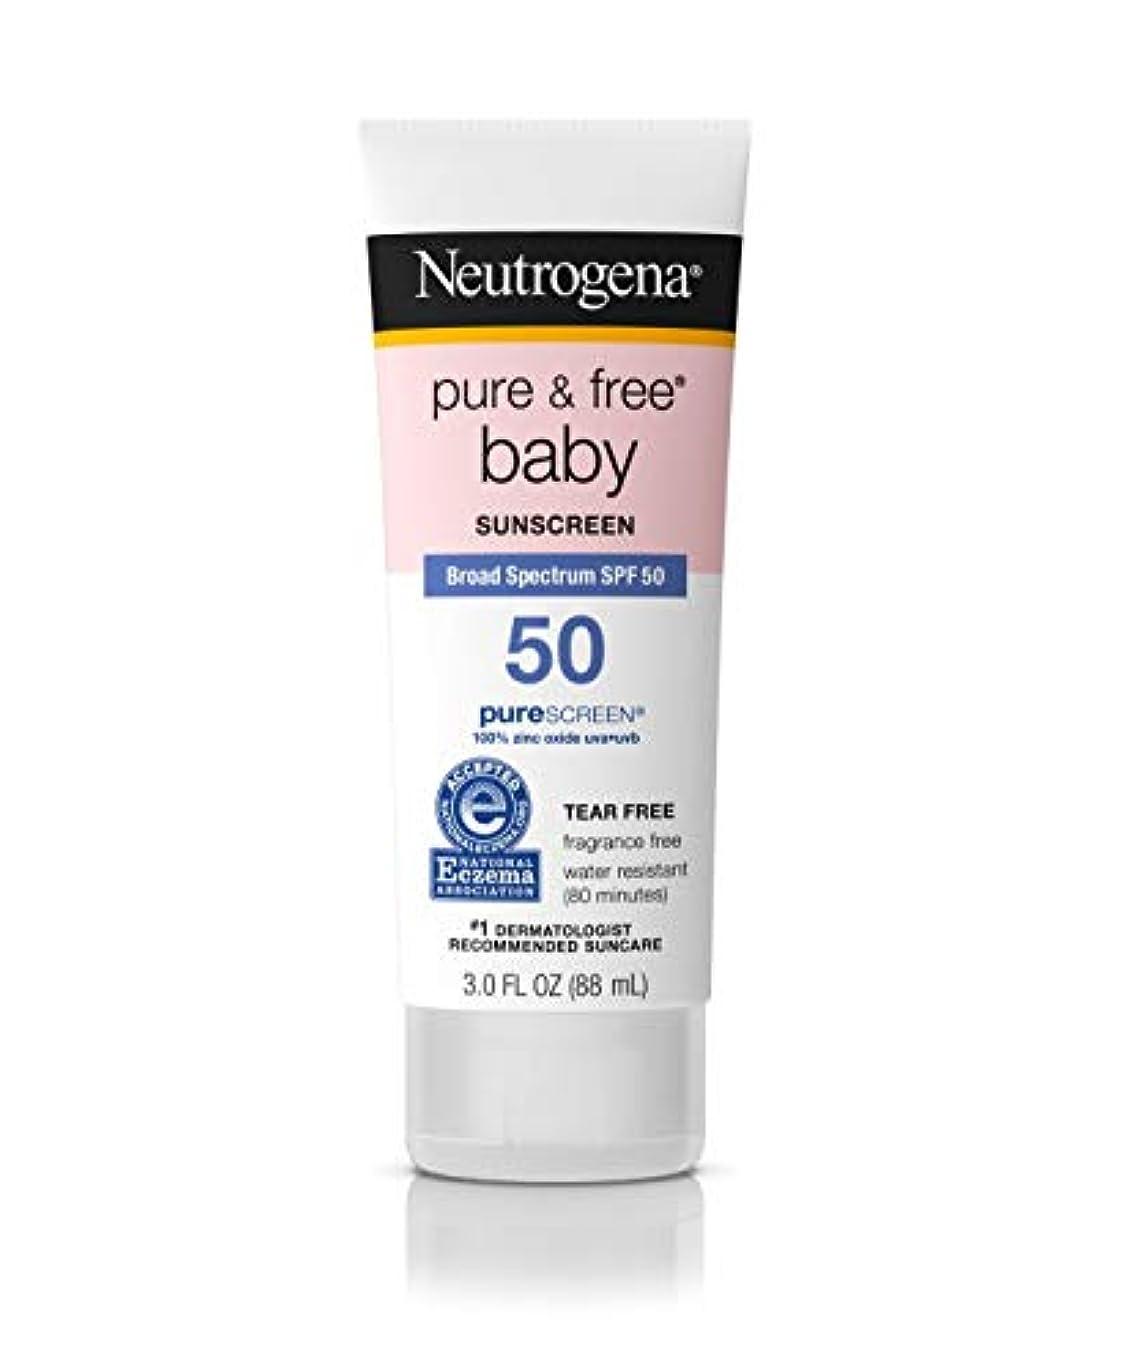 増強する口ラインニュートロジーナ ベビー サンスクリーン SPF50 【88ml】 敏感肌 赤ちゃん 日焼け止め